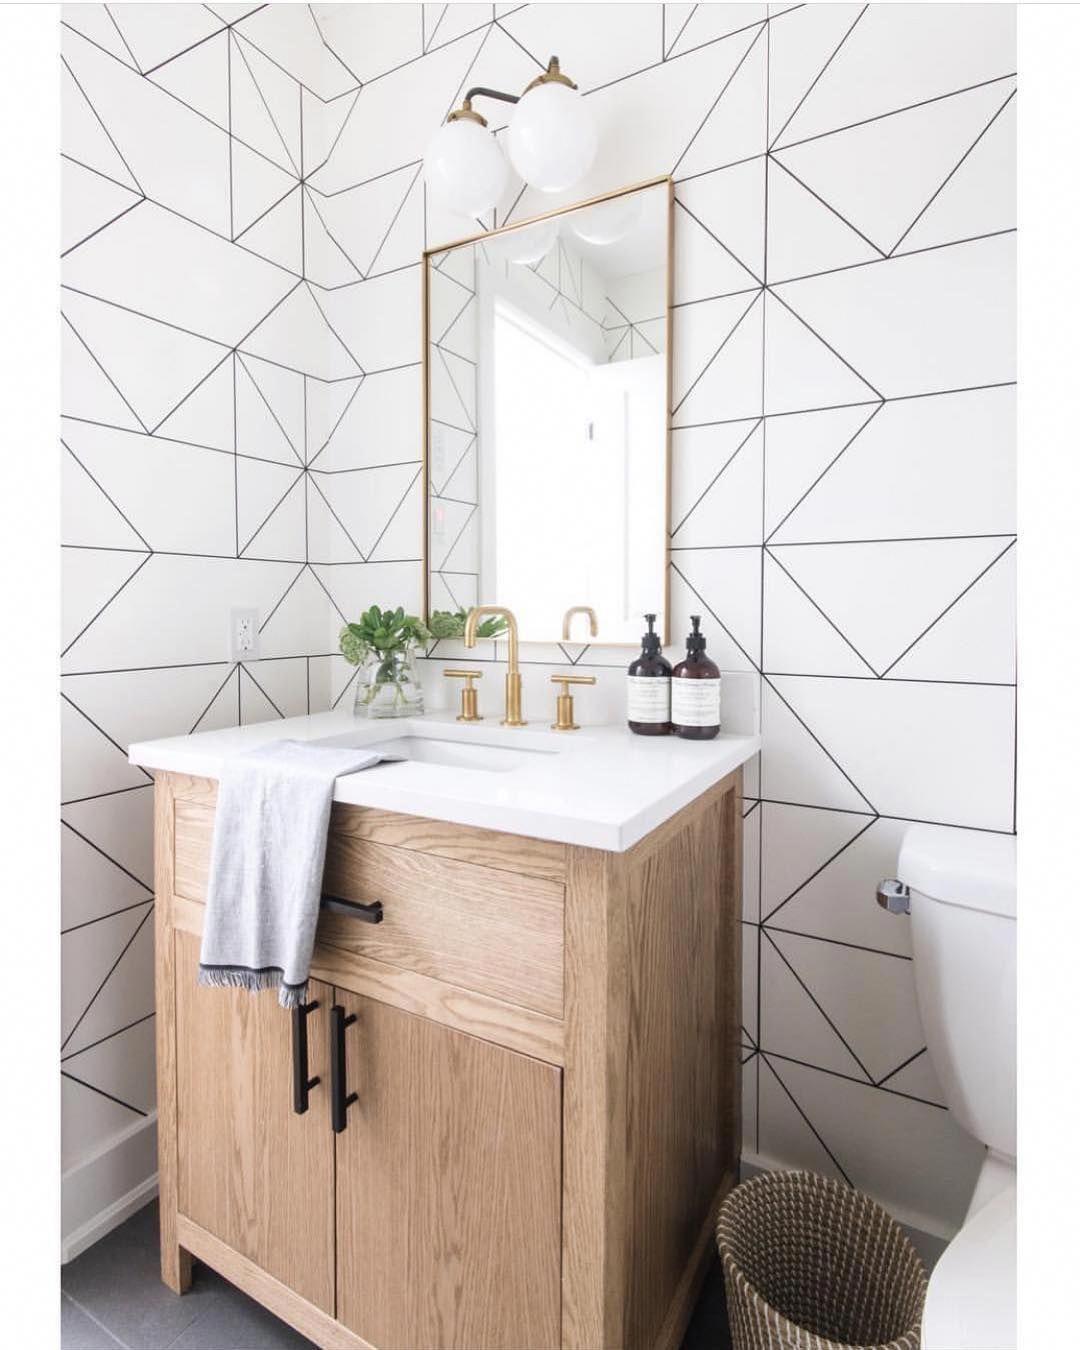 Incredible Bathroom Vanity Decorating Ideas Pinterest Bathroom Bathroom Vanity Decor Bathrooms Remodel Bathroom Interior Design